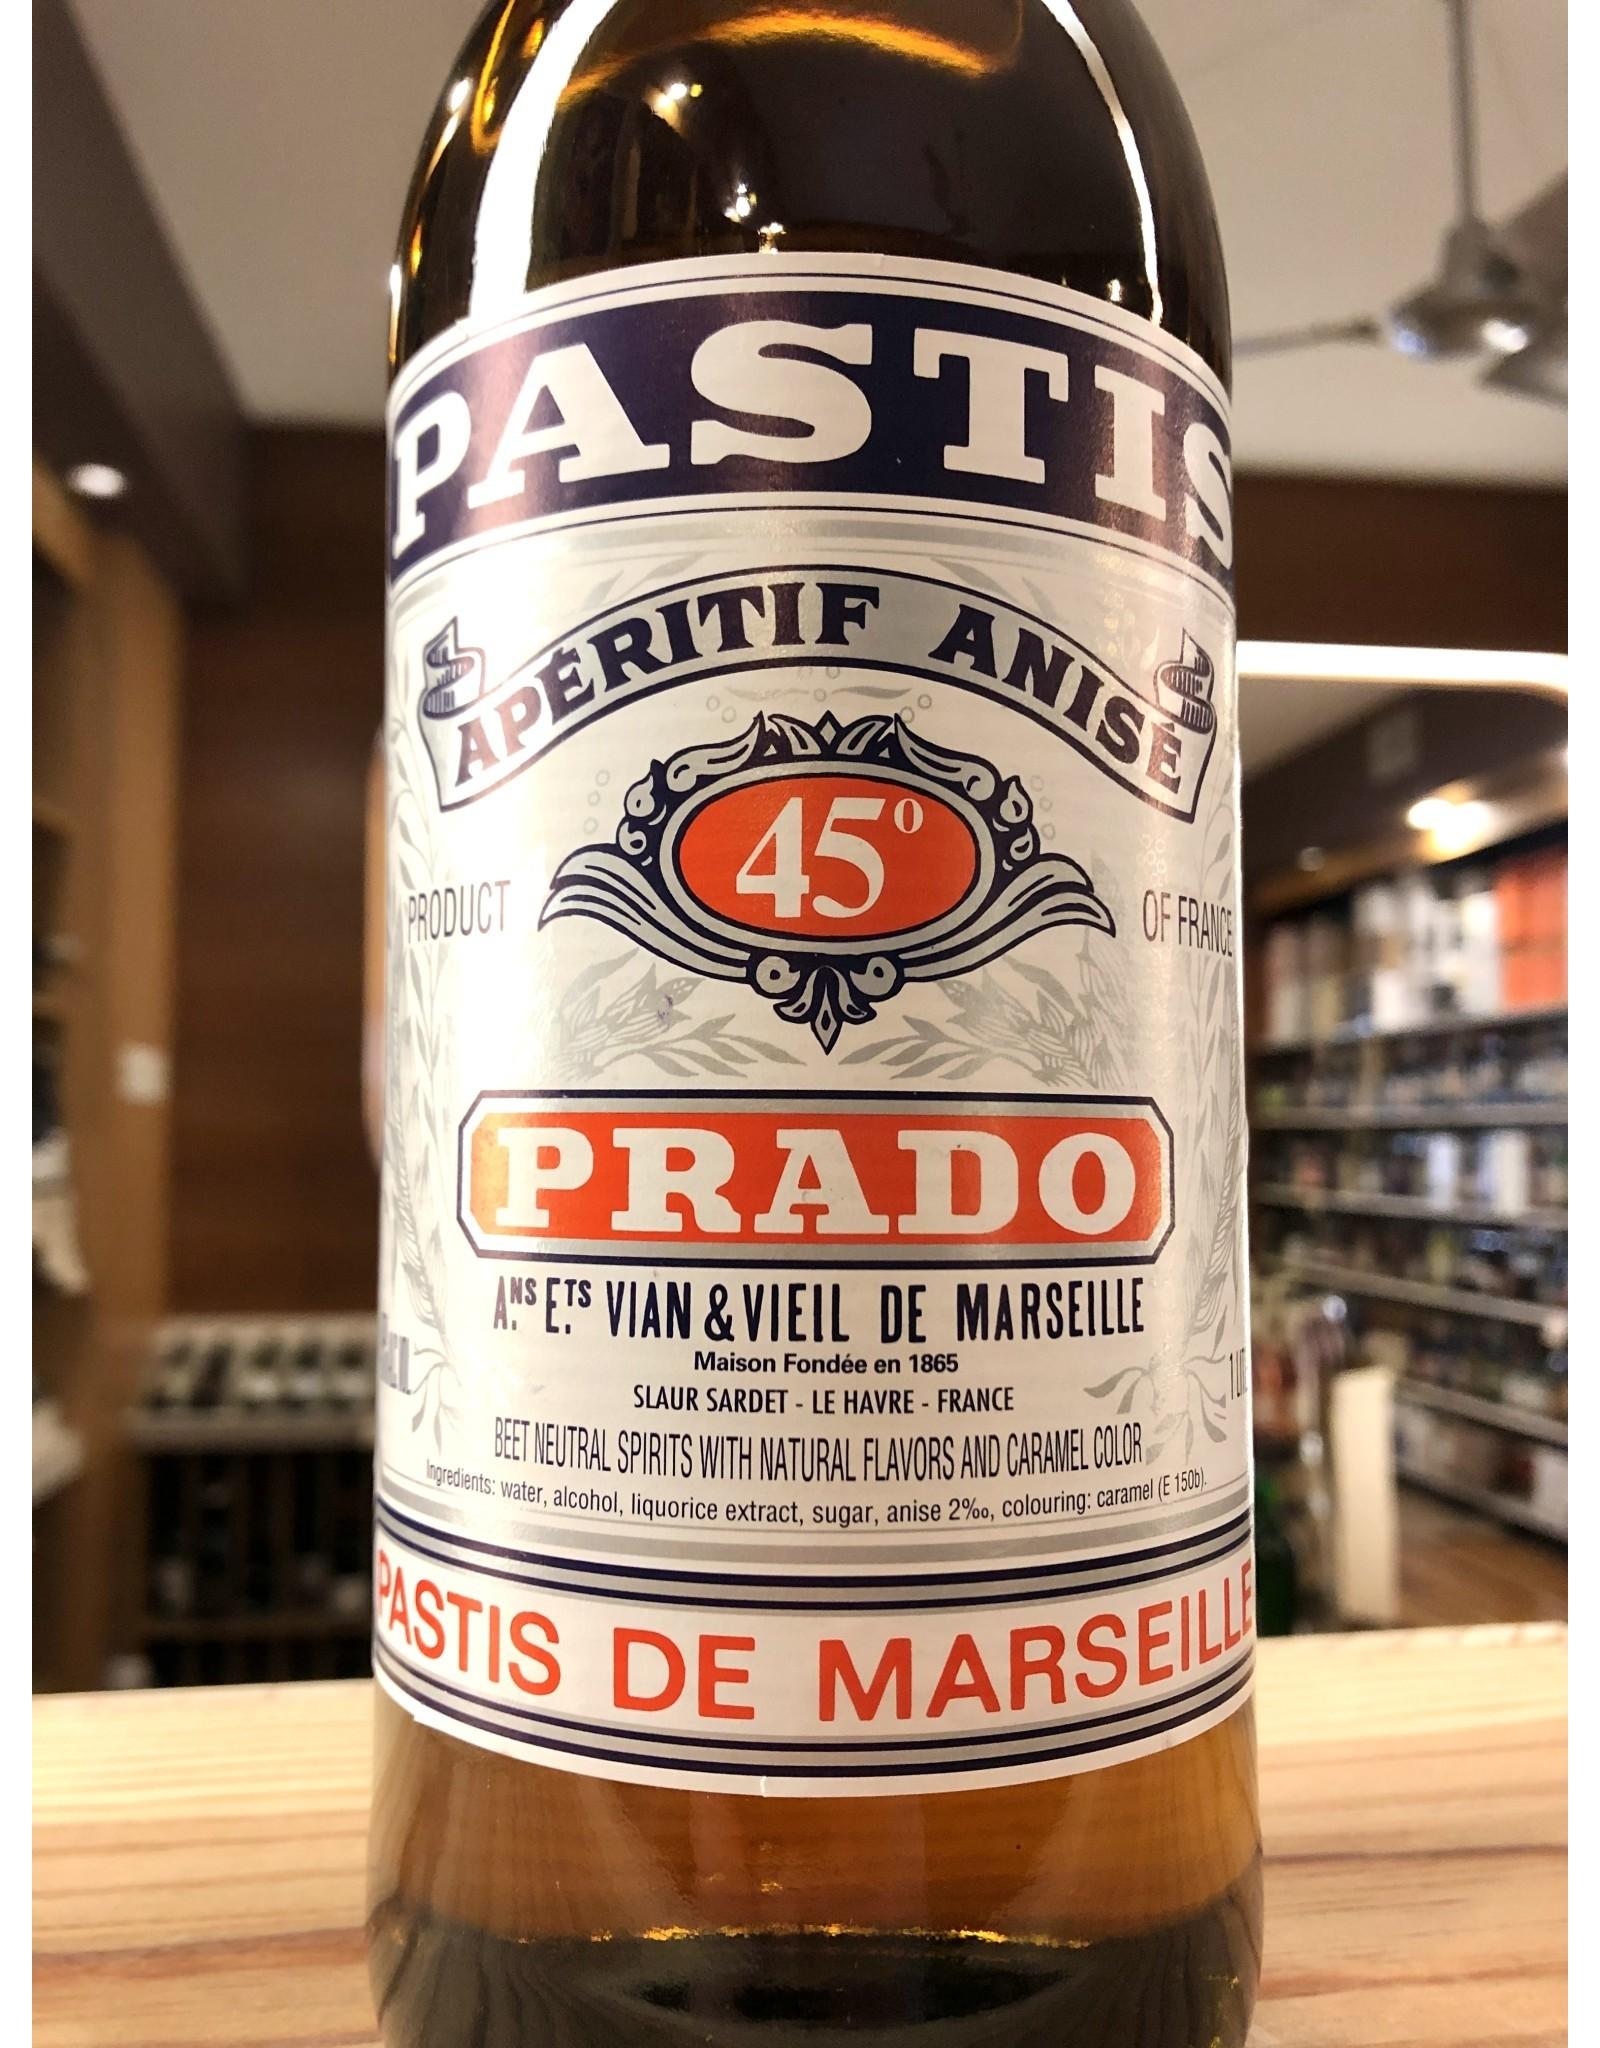 Prado Pastis de Marseille - 1 Liter